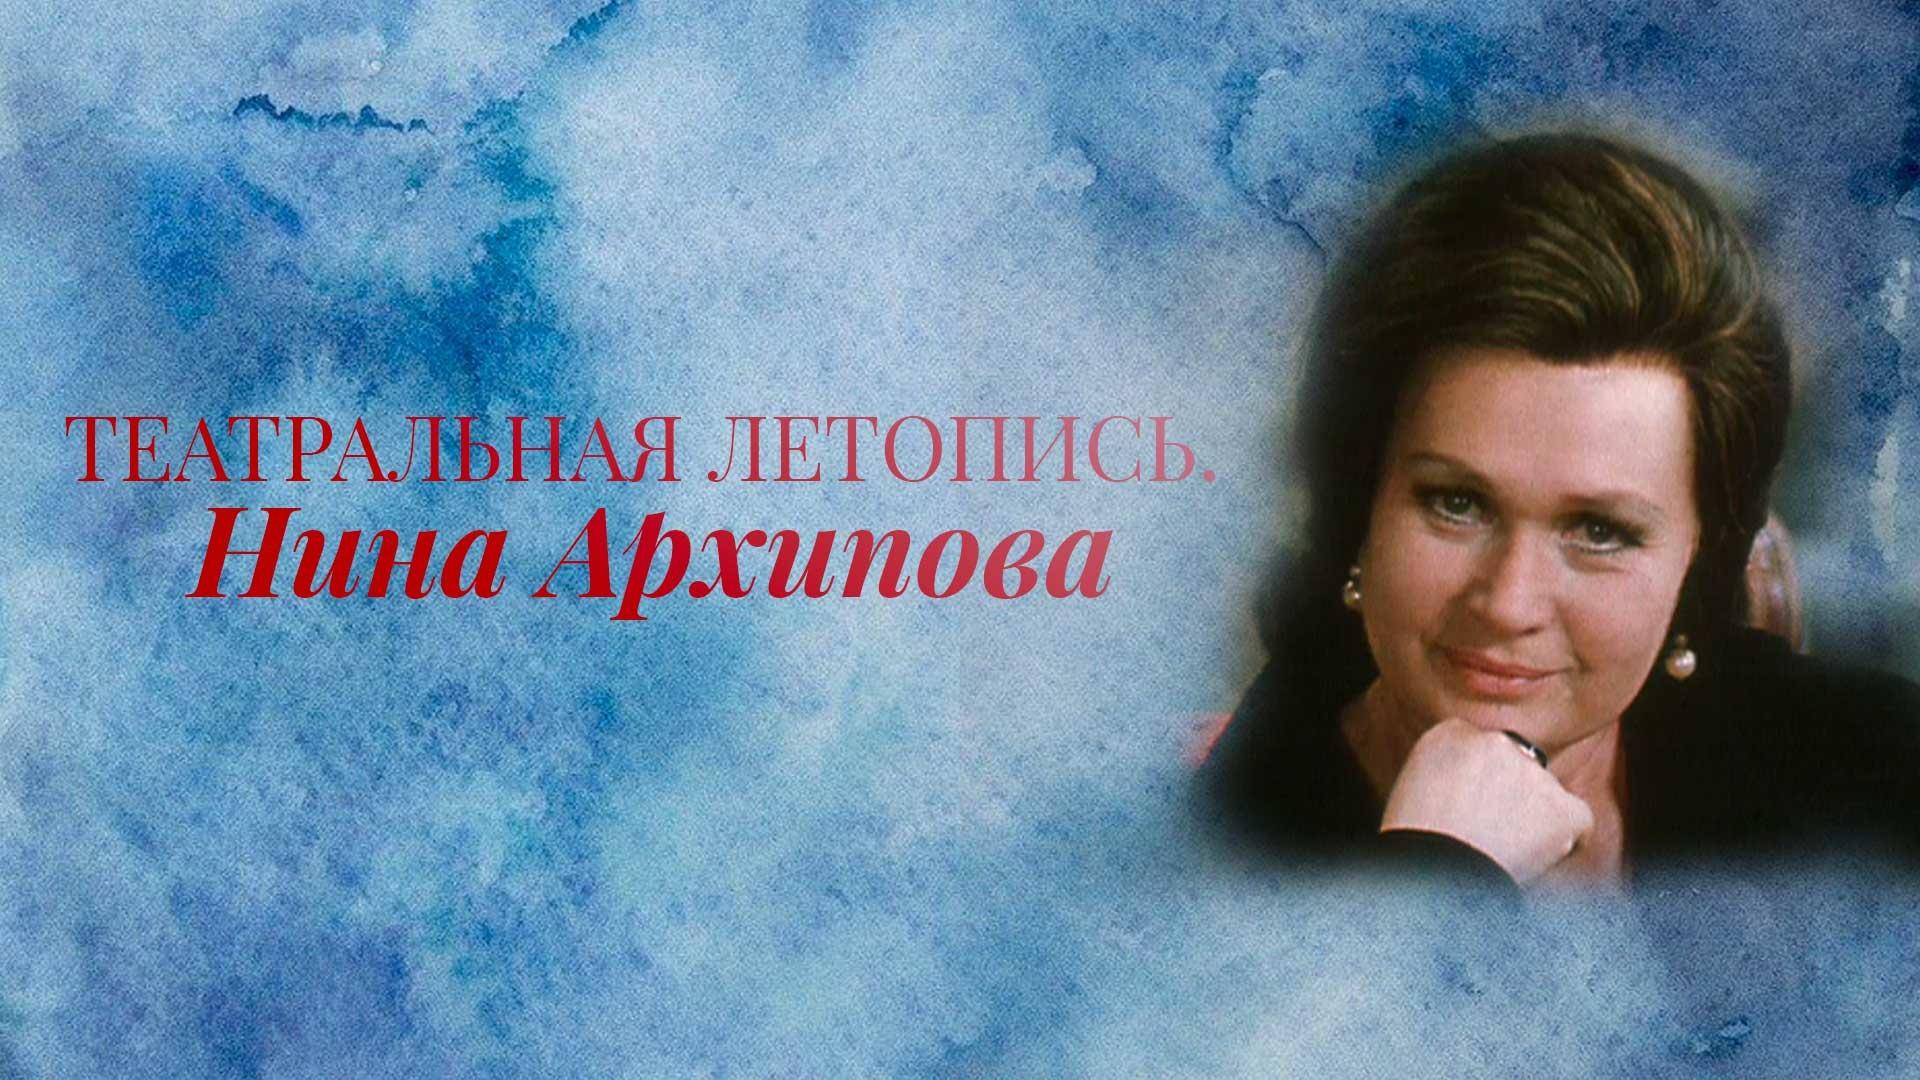 Театральная летопись. Нина Архипова